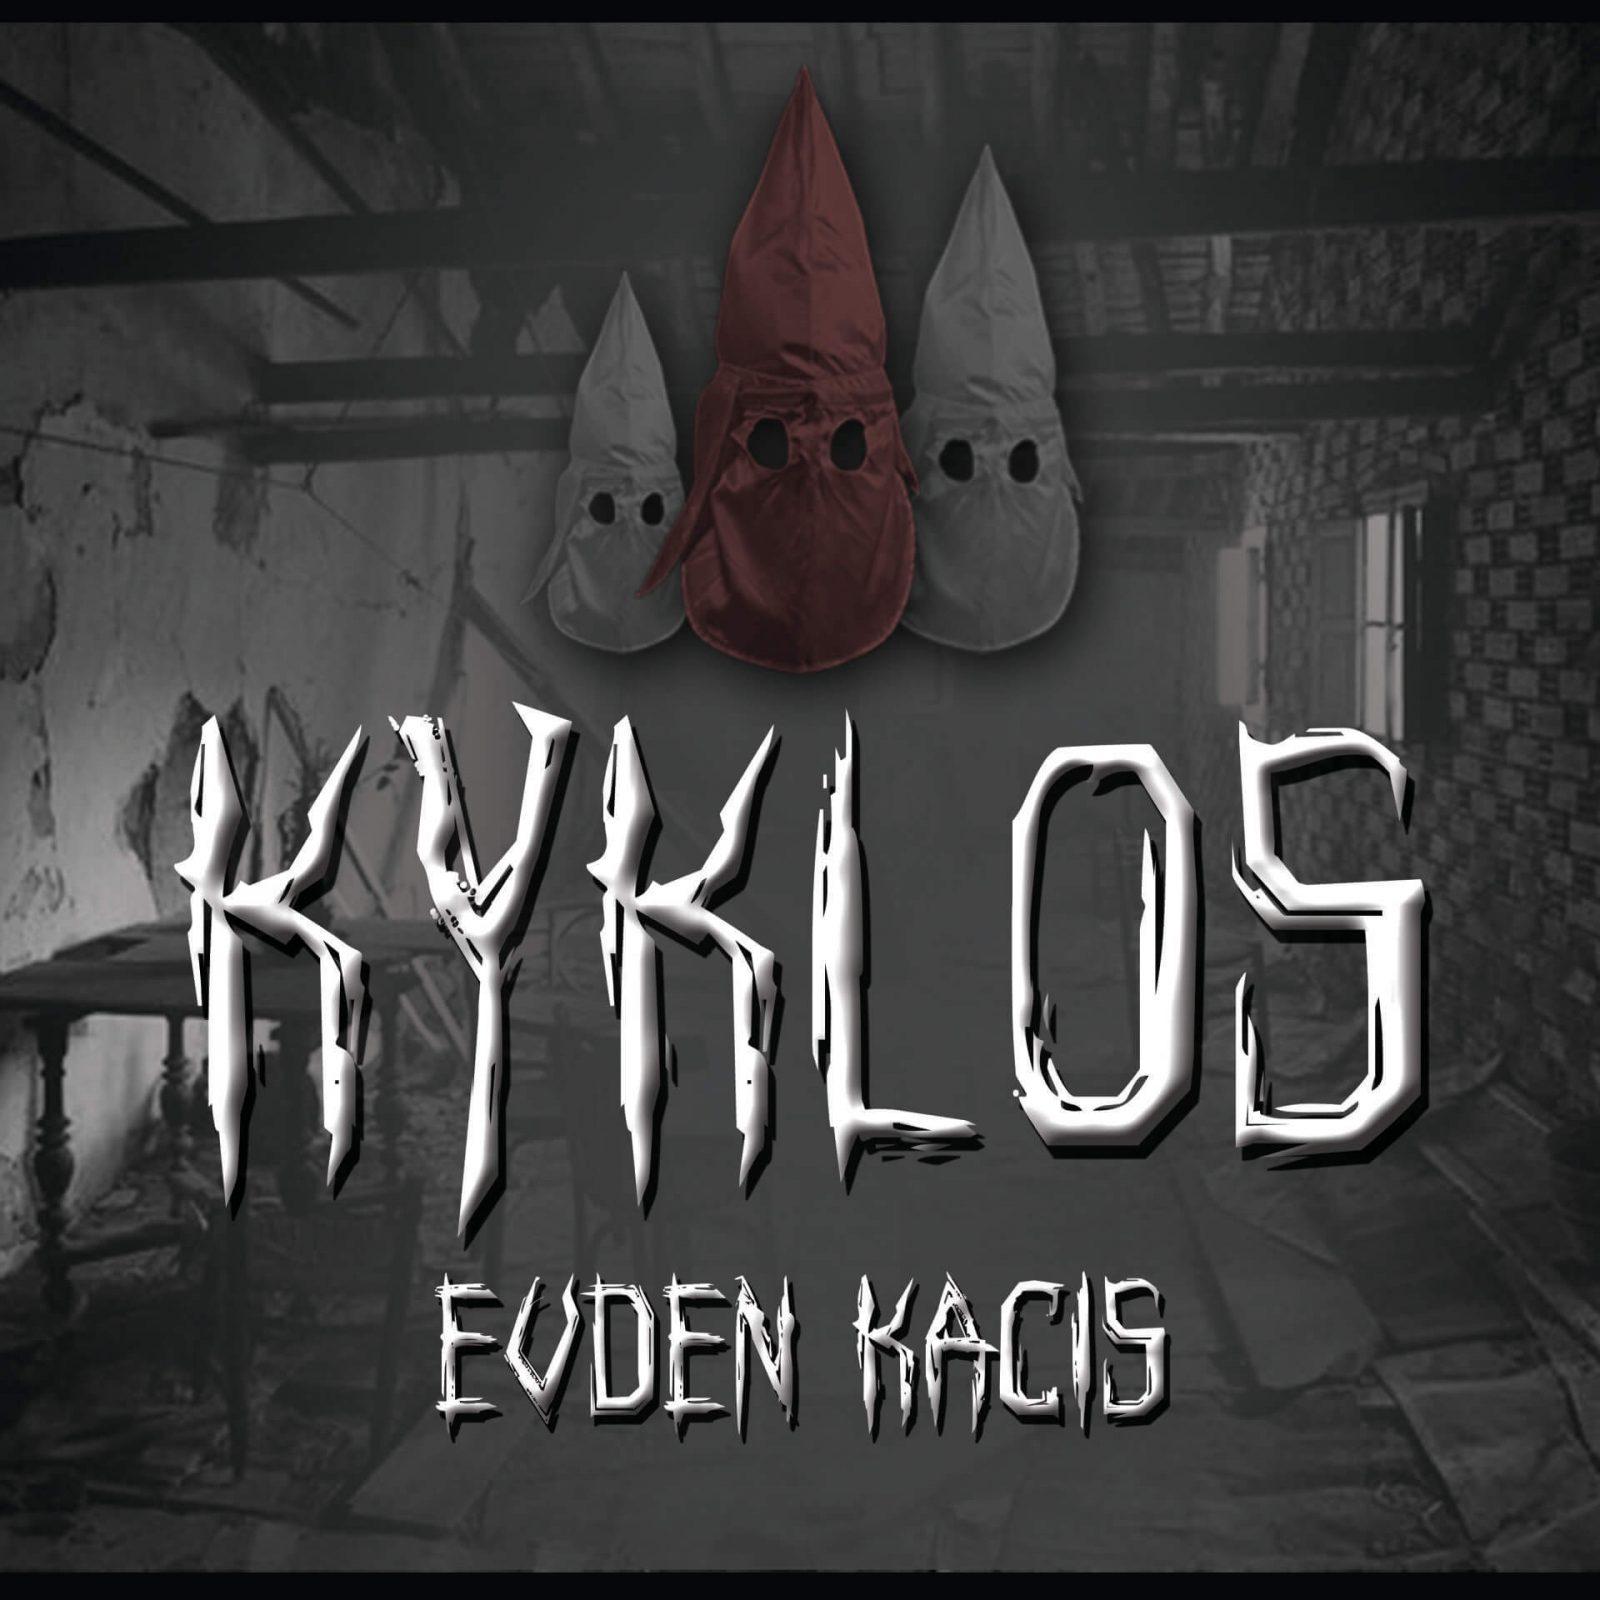 Kyklos Klan Korku Evi ve Gerçek Evden Kaçış Oyunu